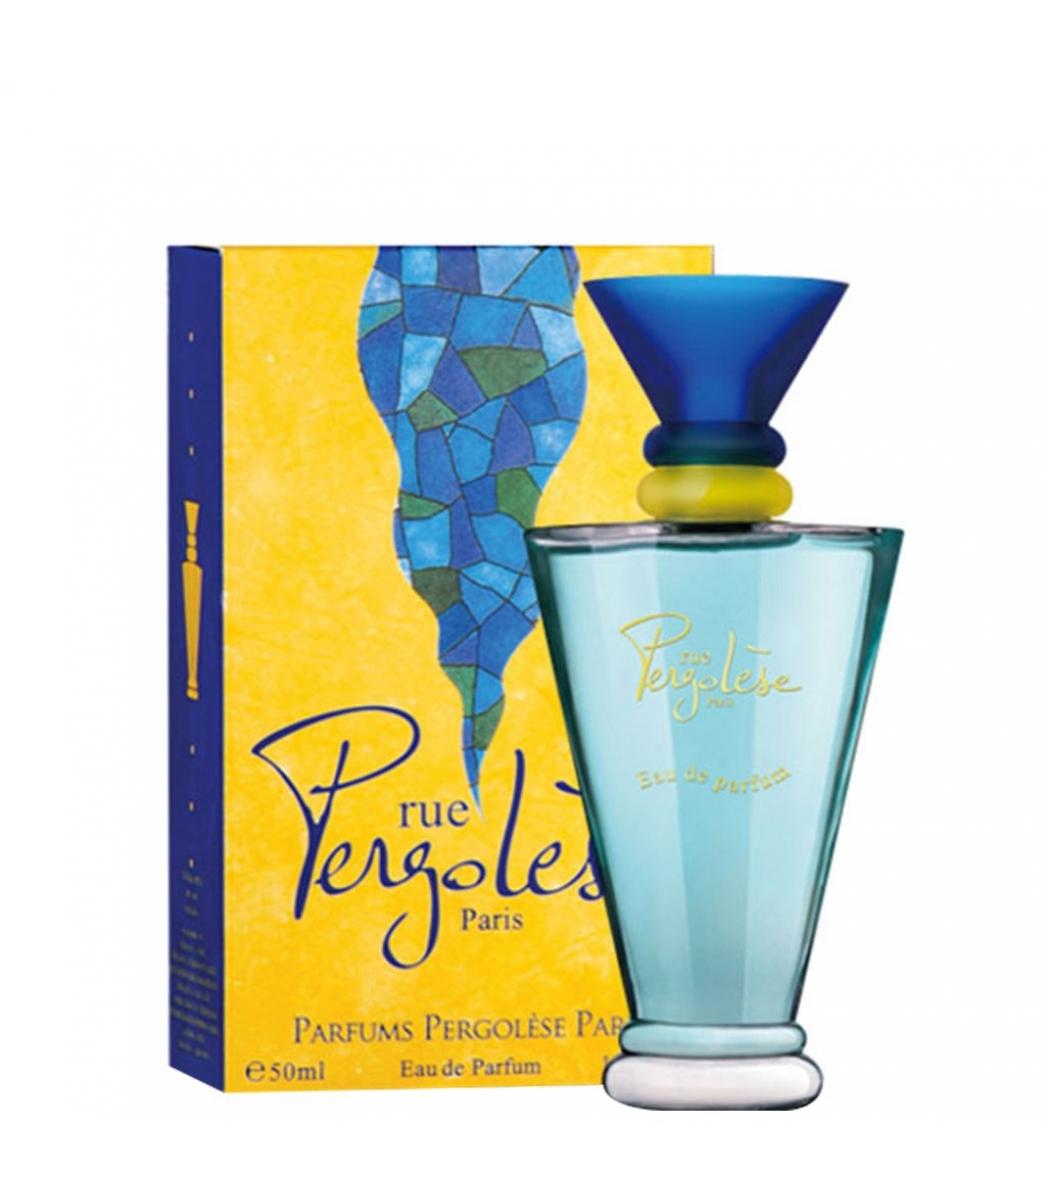 perfume-pergolese-100ml